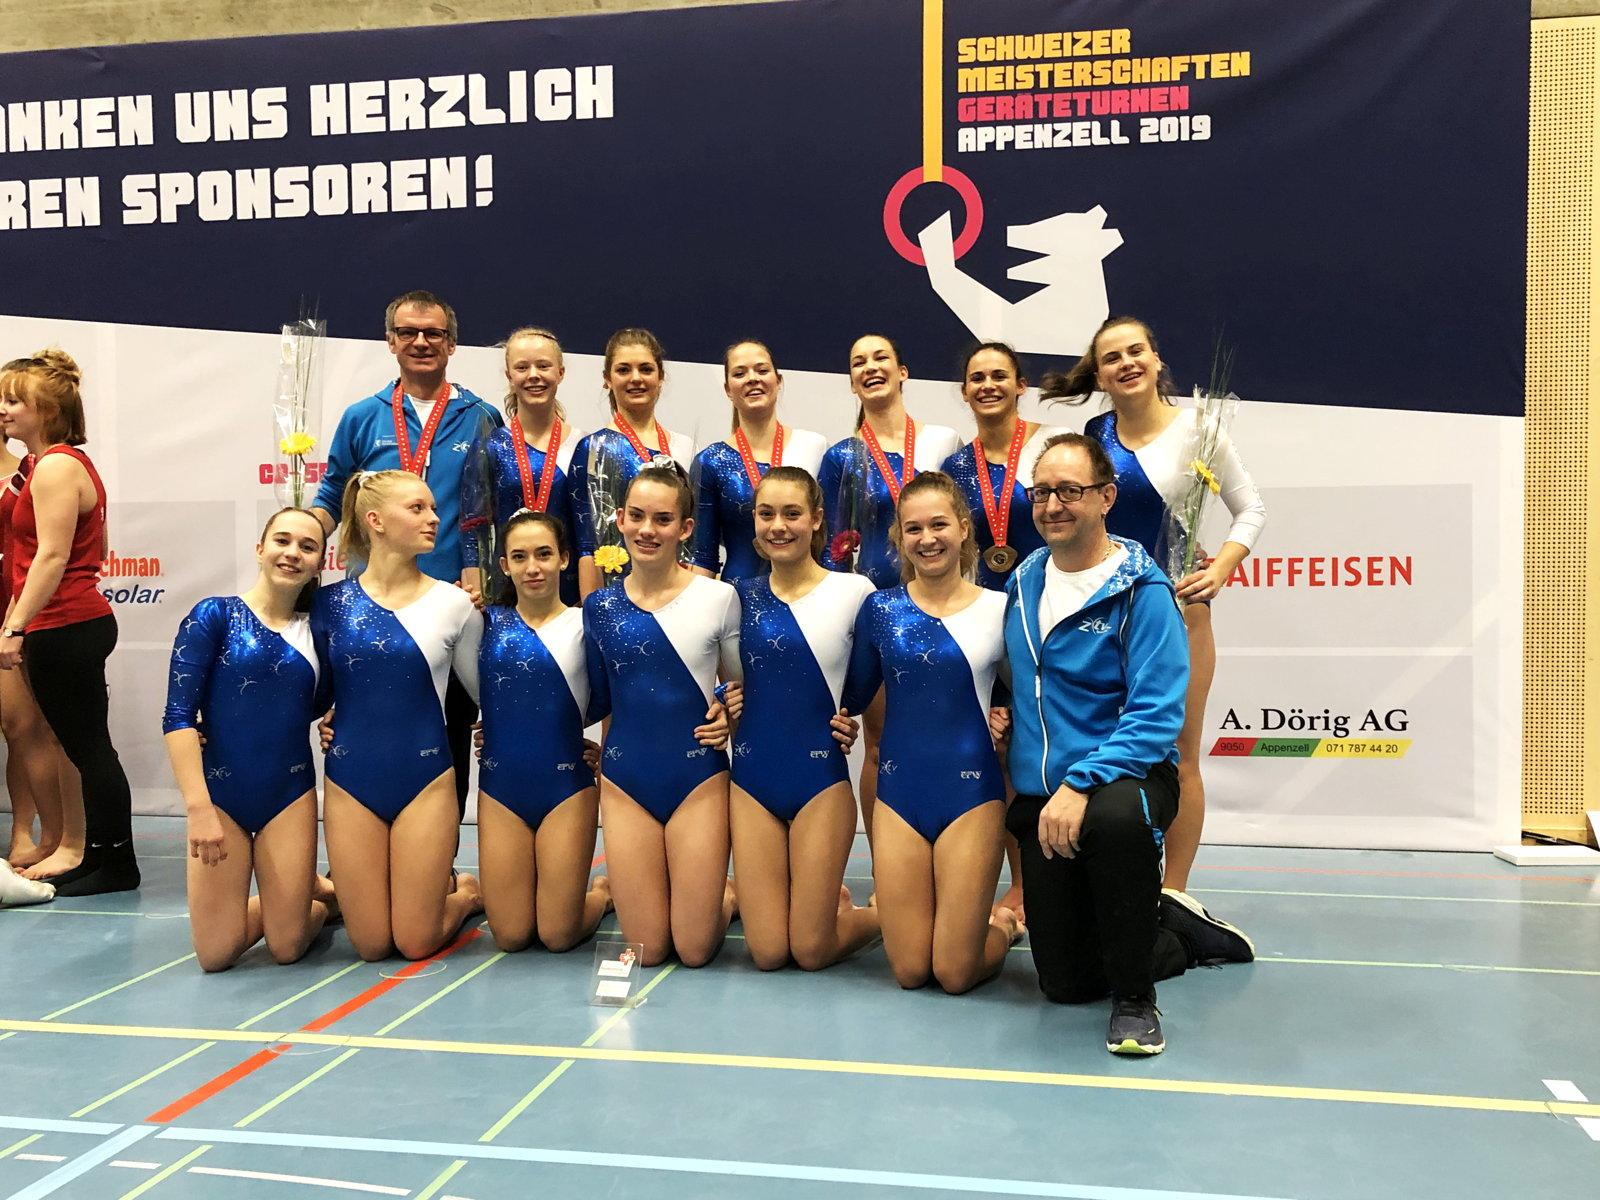 Silber für Team Zürich in der Königsklasse an der SMM 2019 in Appenzell